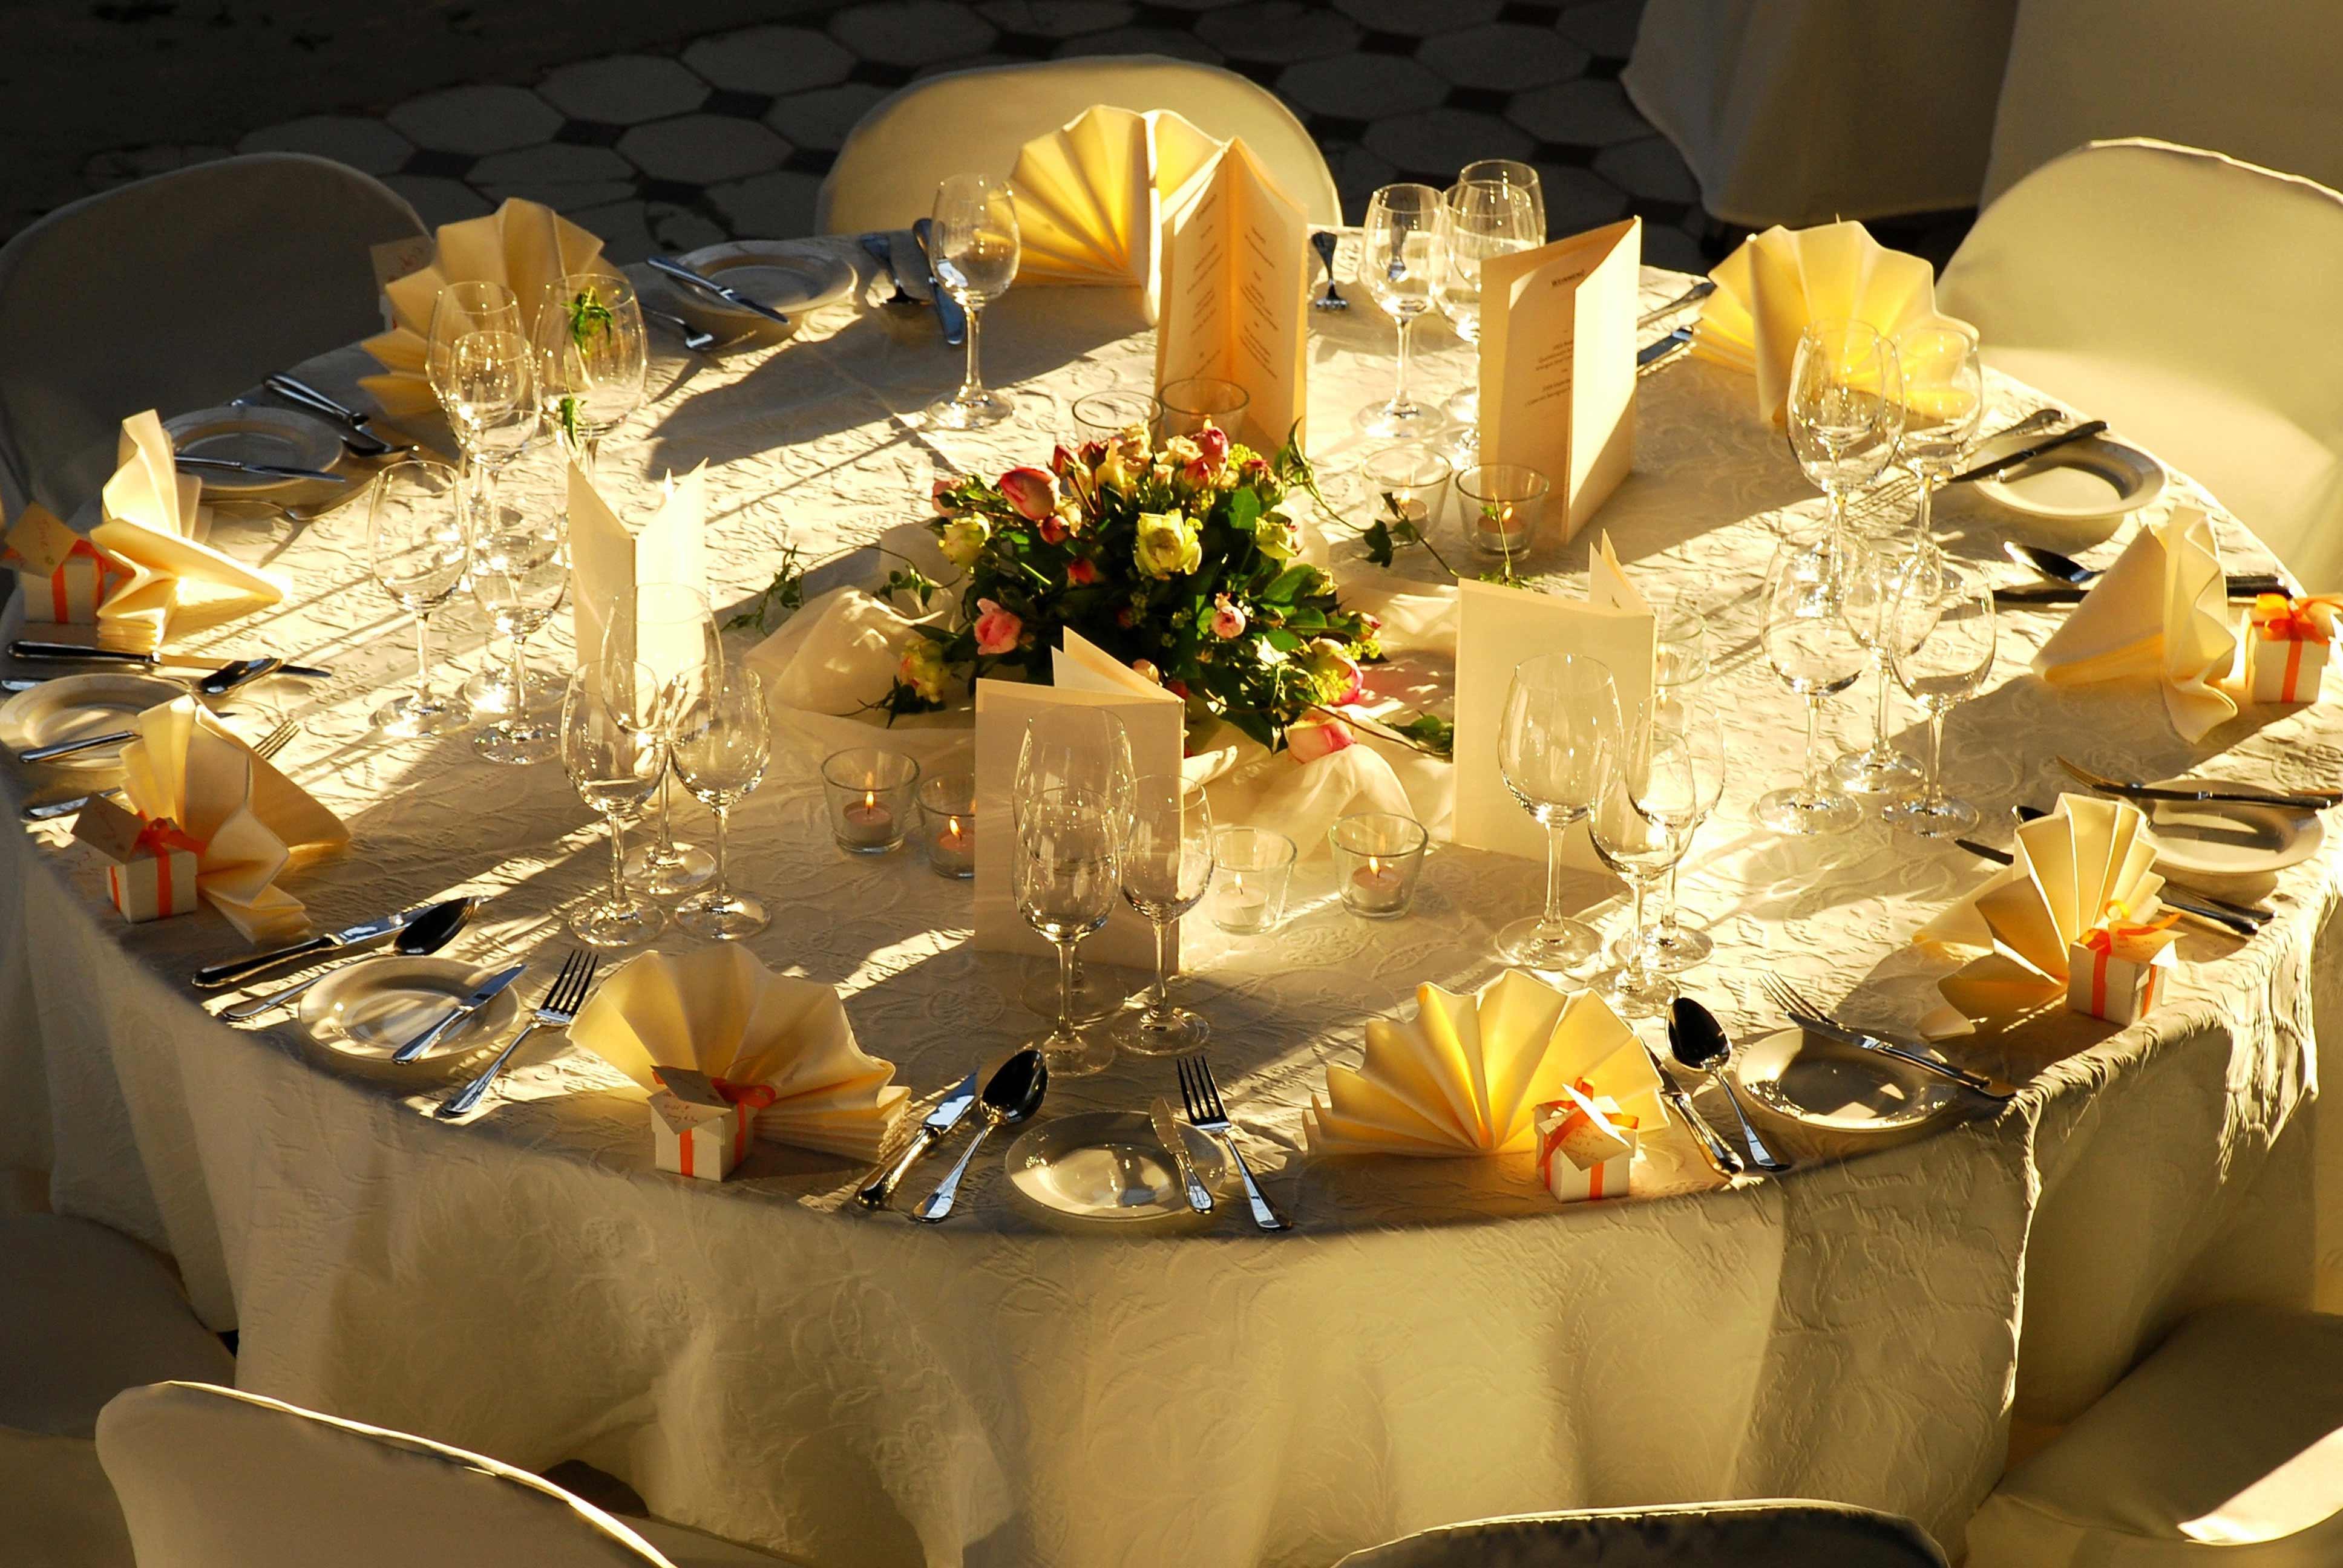 Hochzeit Tisch  Hochzeit Blumendeko runder Tisch Bildergalerie